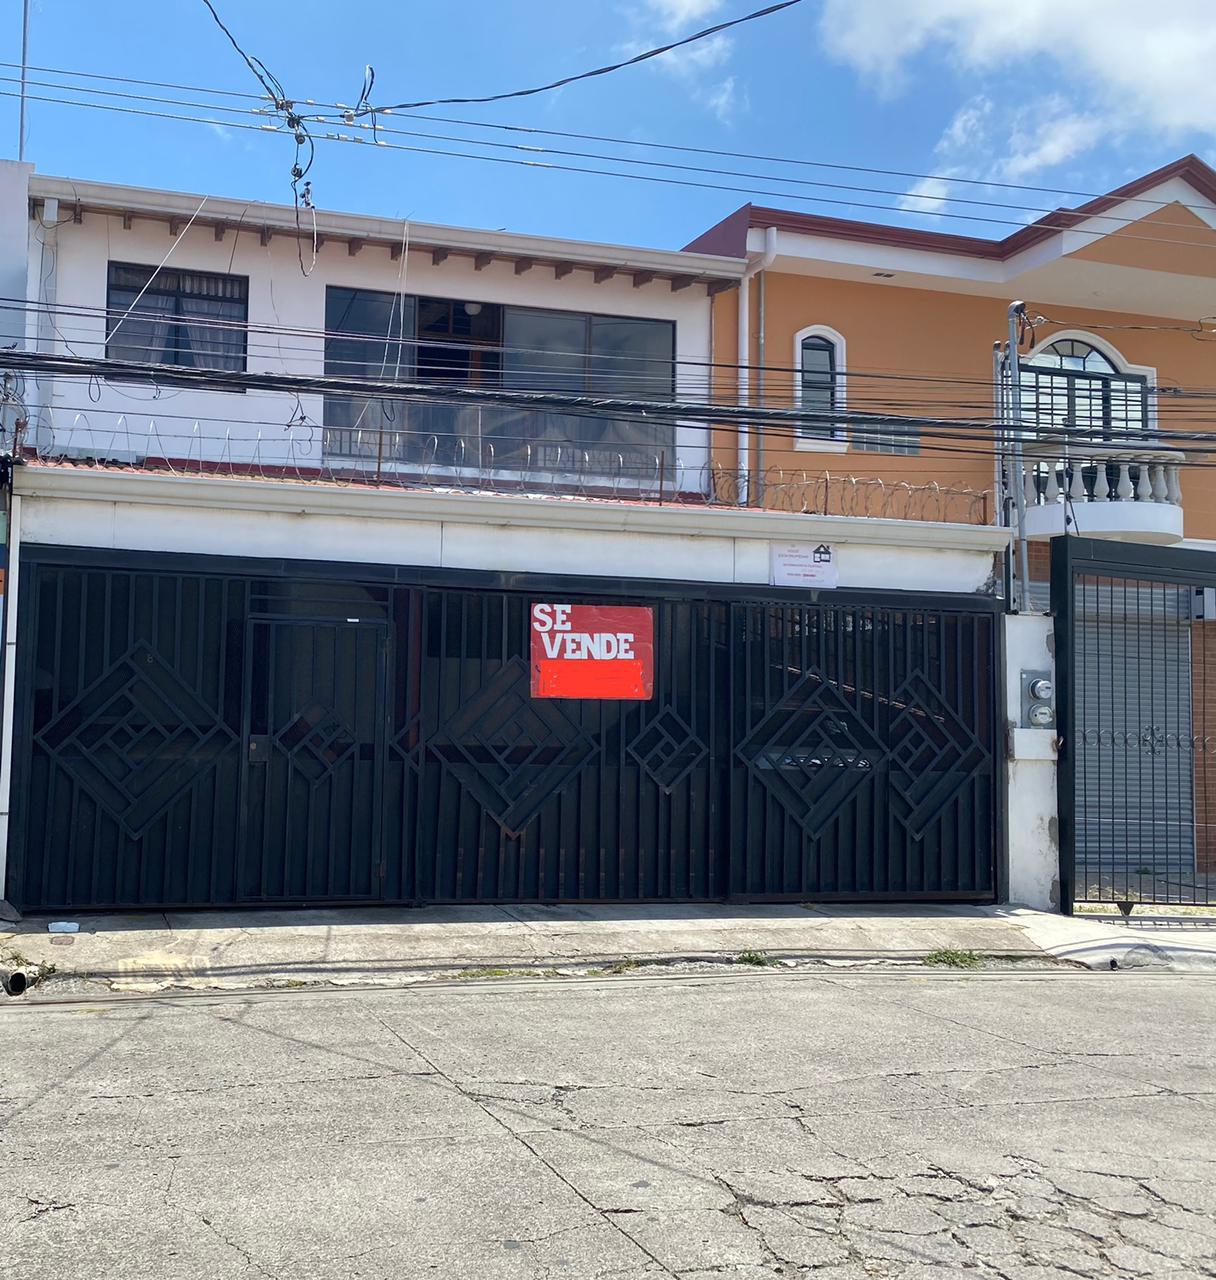 3029 Se vende casa amplia en San Antonio de Coronado